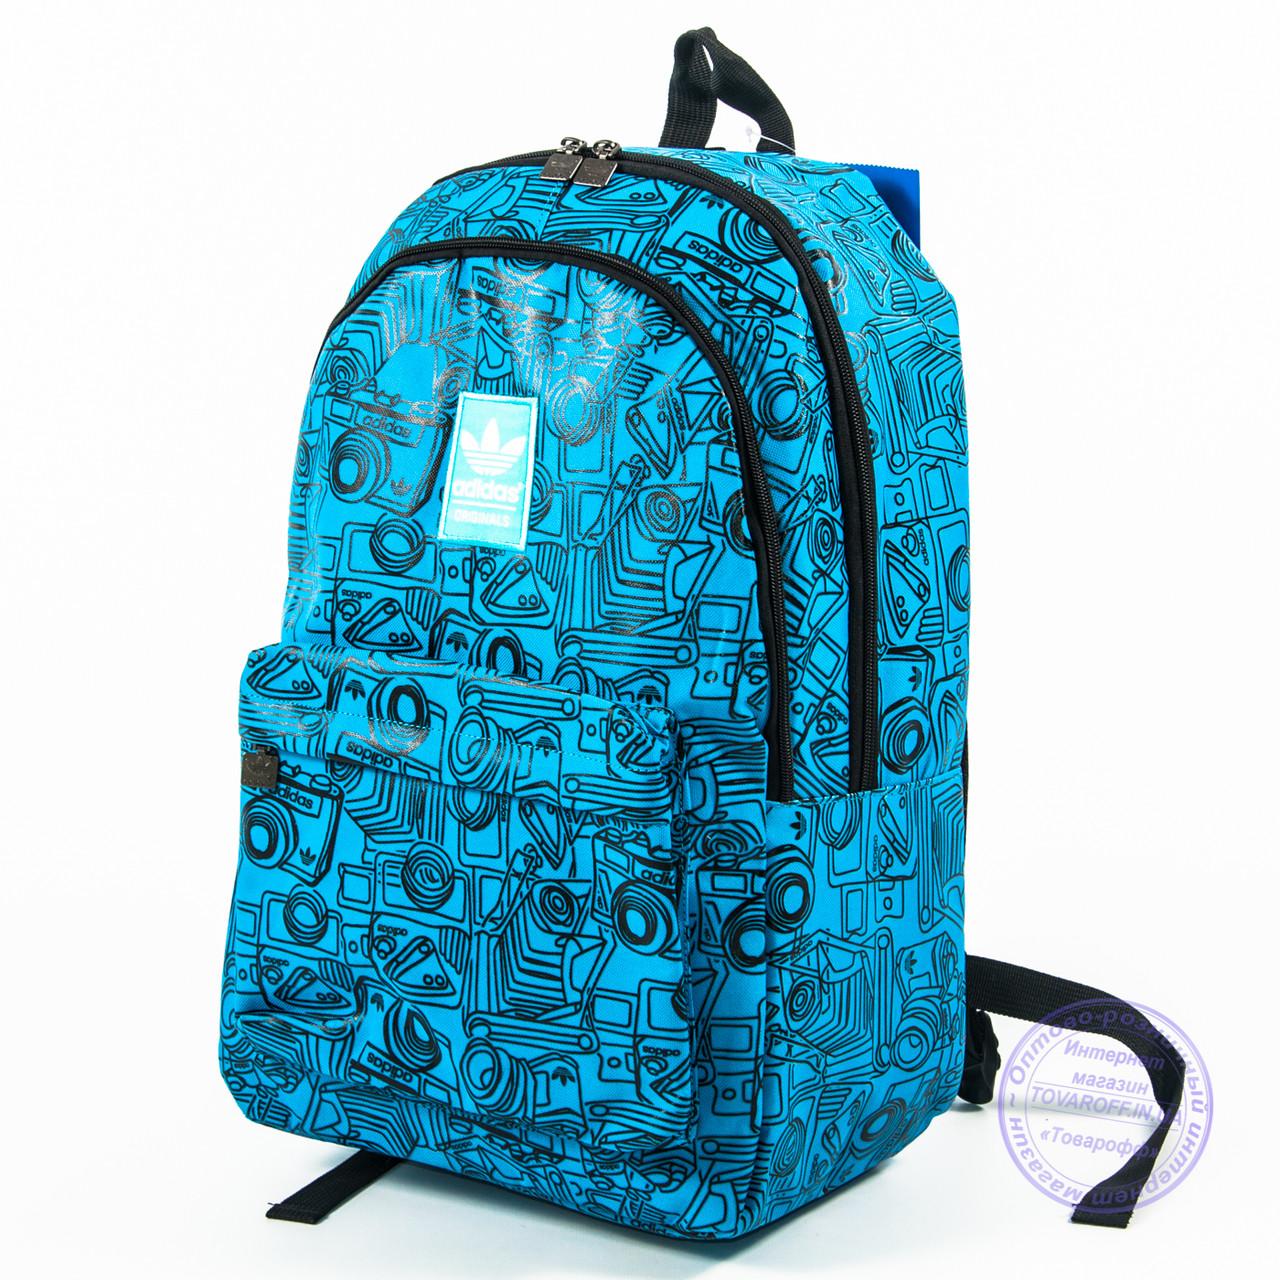 Спортивний рюкзак Adidas - блакитний - 605